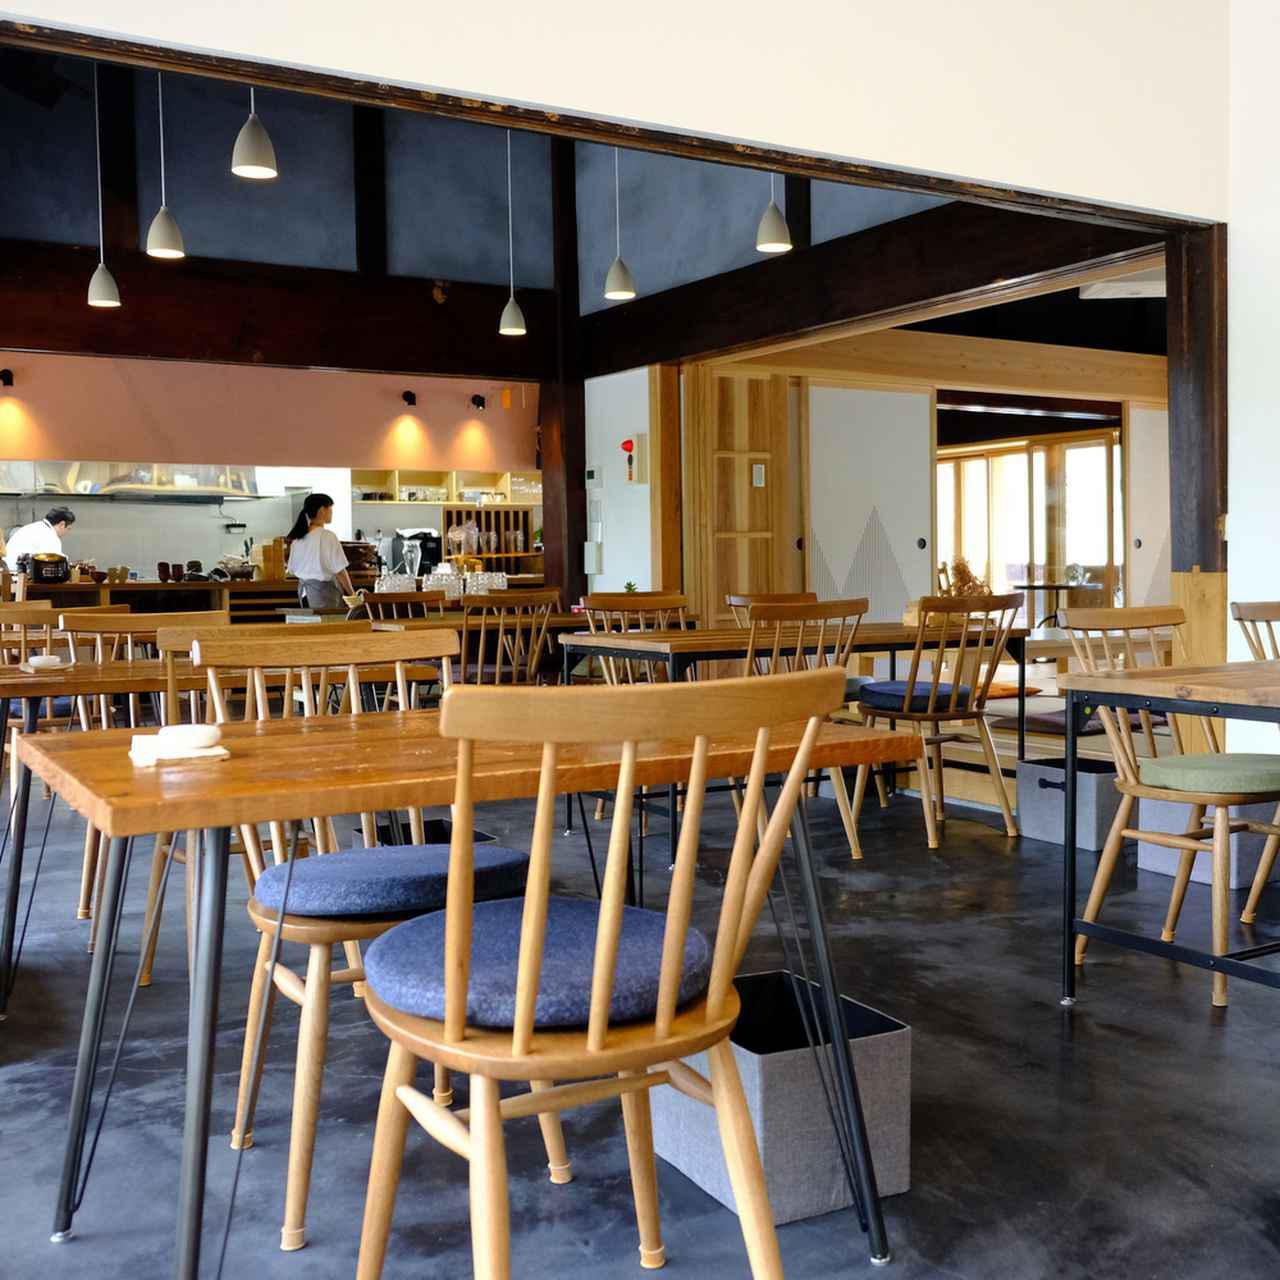 画像: こちらは窓際のテーブル席。オープンキッチンで料理人の動きも良く見えます。地元野菜や食材を盛り込んだランチプレートなどが人気です。